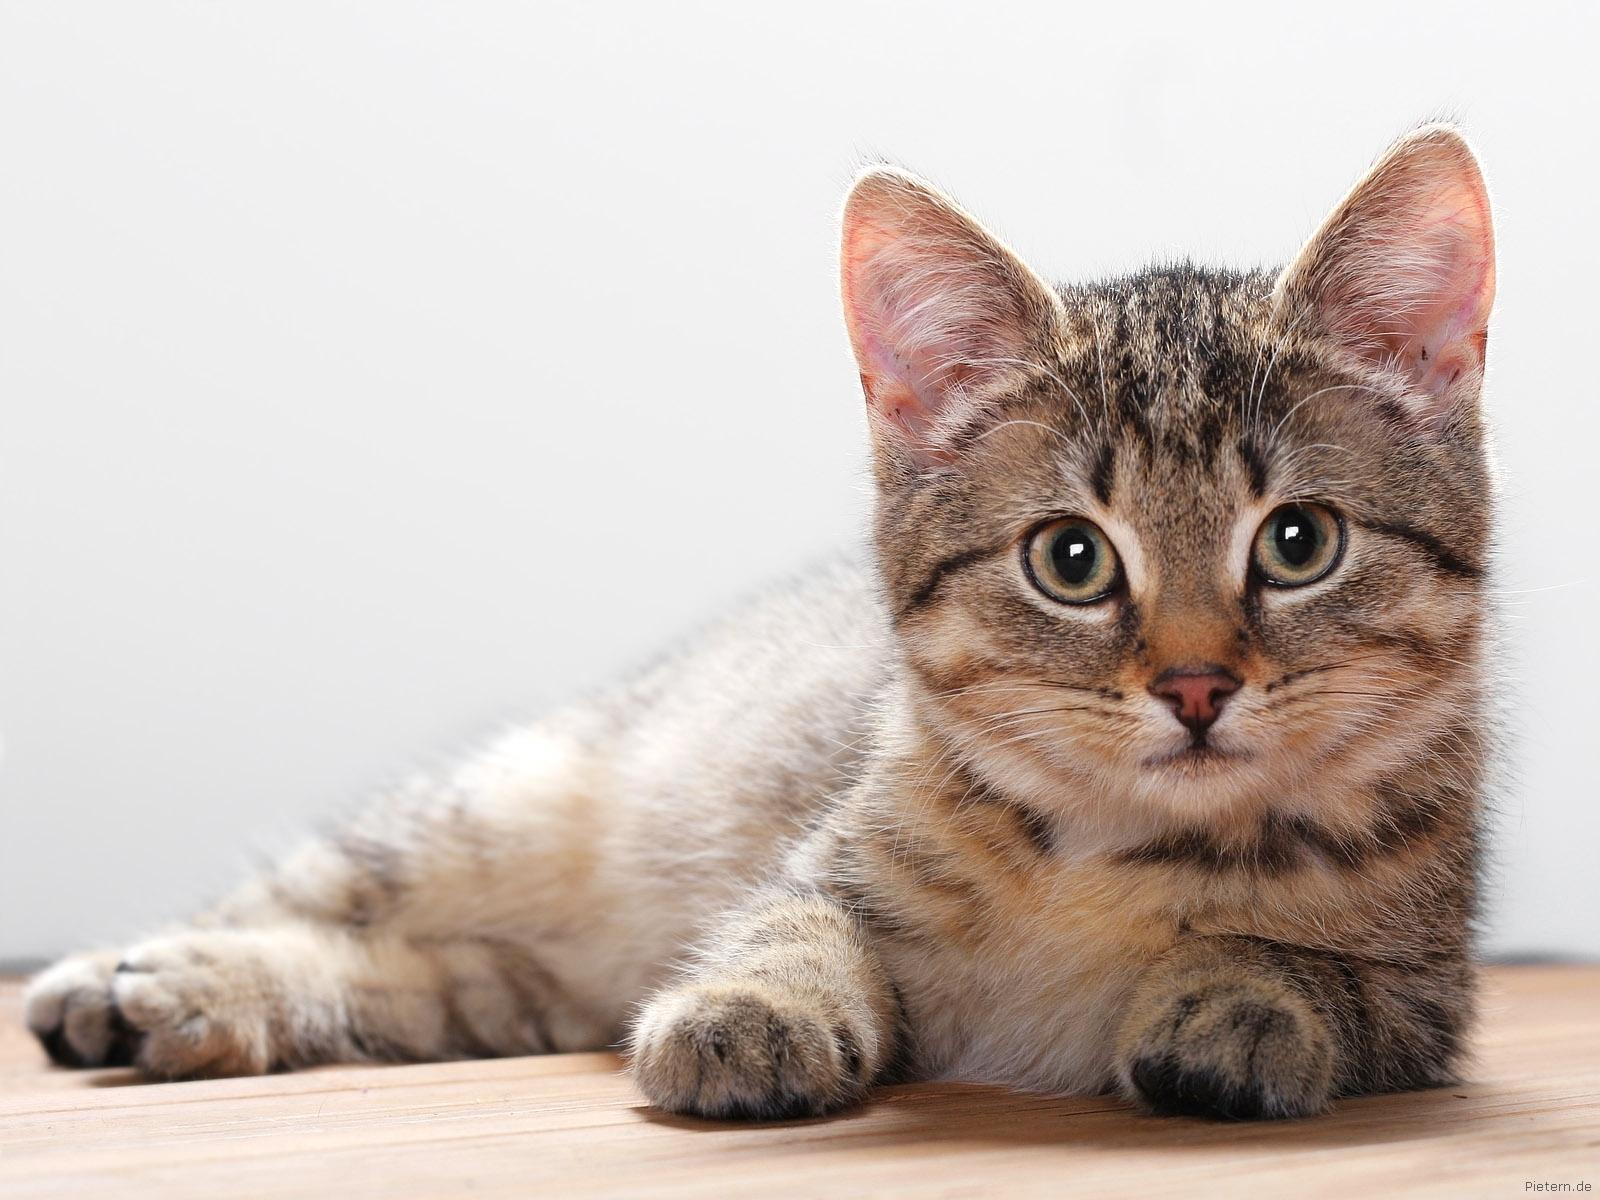 cat wallpapers for deskto